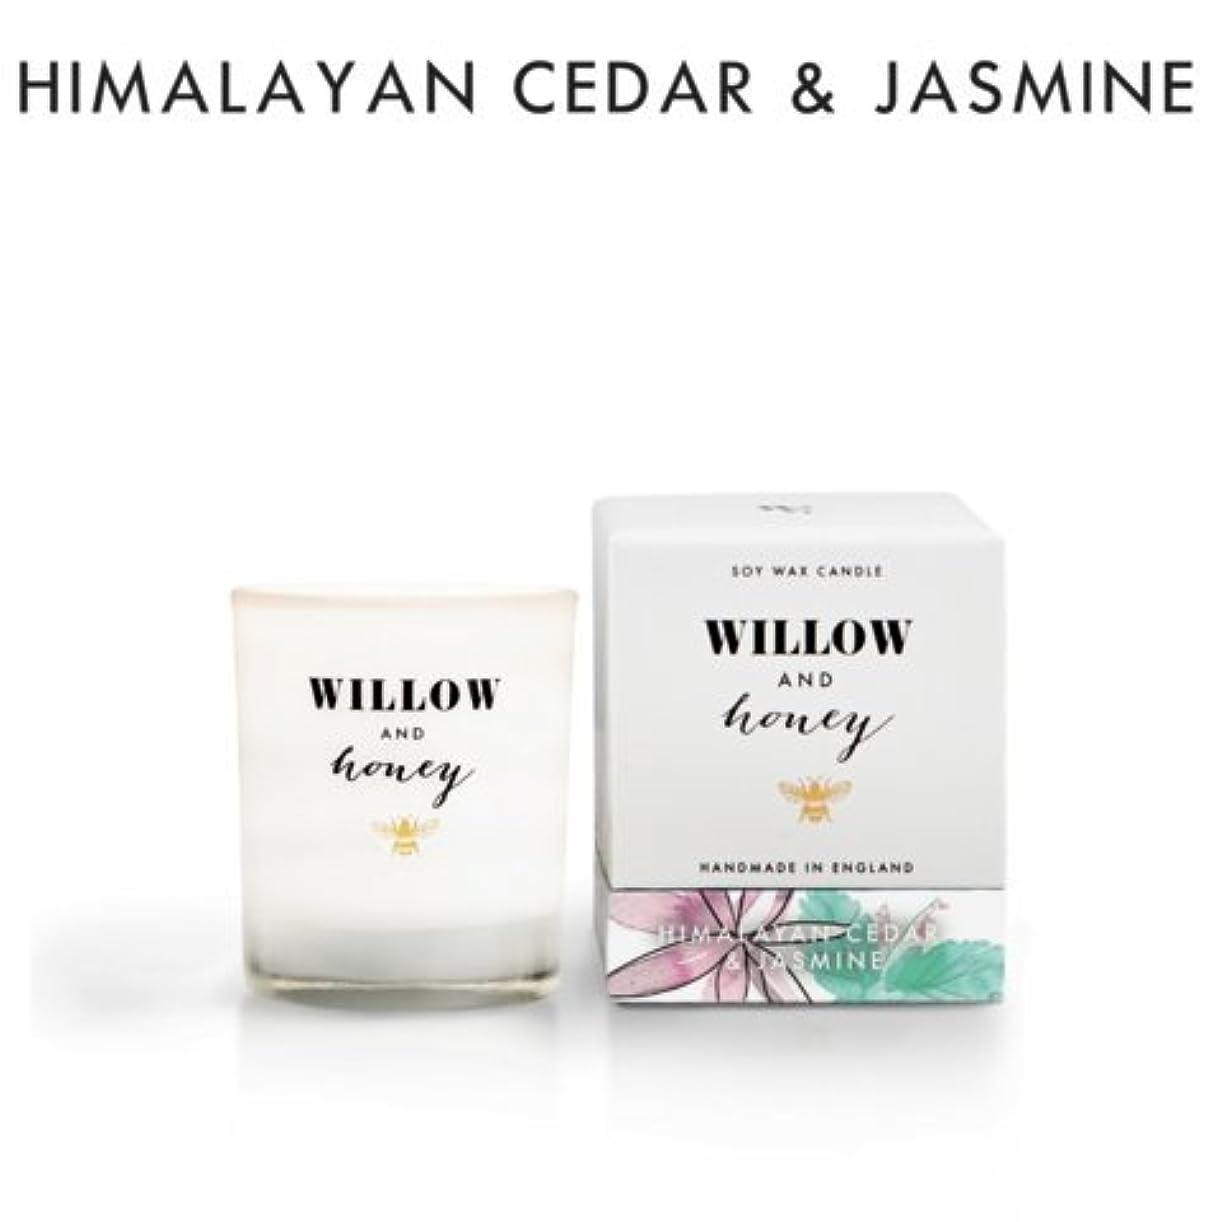 プランテーションテナント時々大豆ワックスMini香りつきAromatherapy Candle – Fill Your Room withプレミアム天然長持ち香りなし、パラフィンと非毒性15時間燃焼時間理想的なギフト